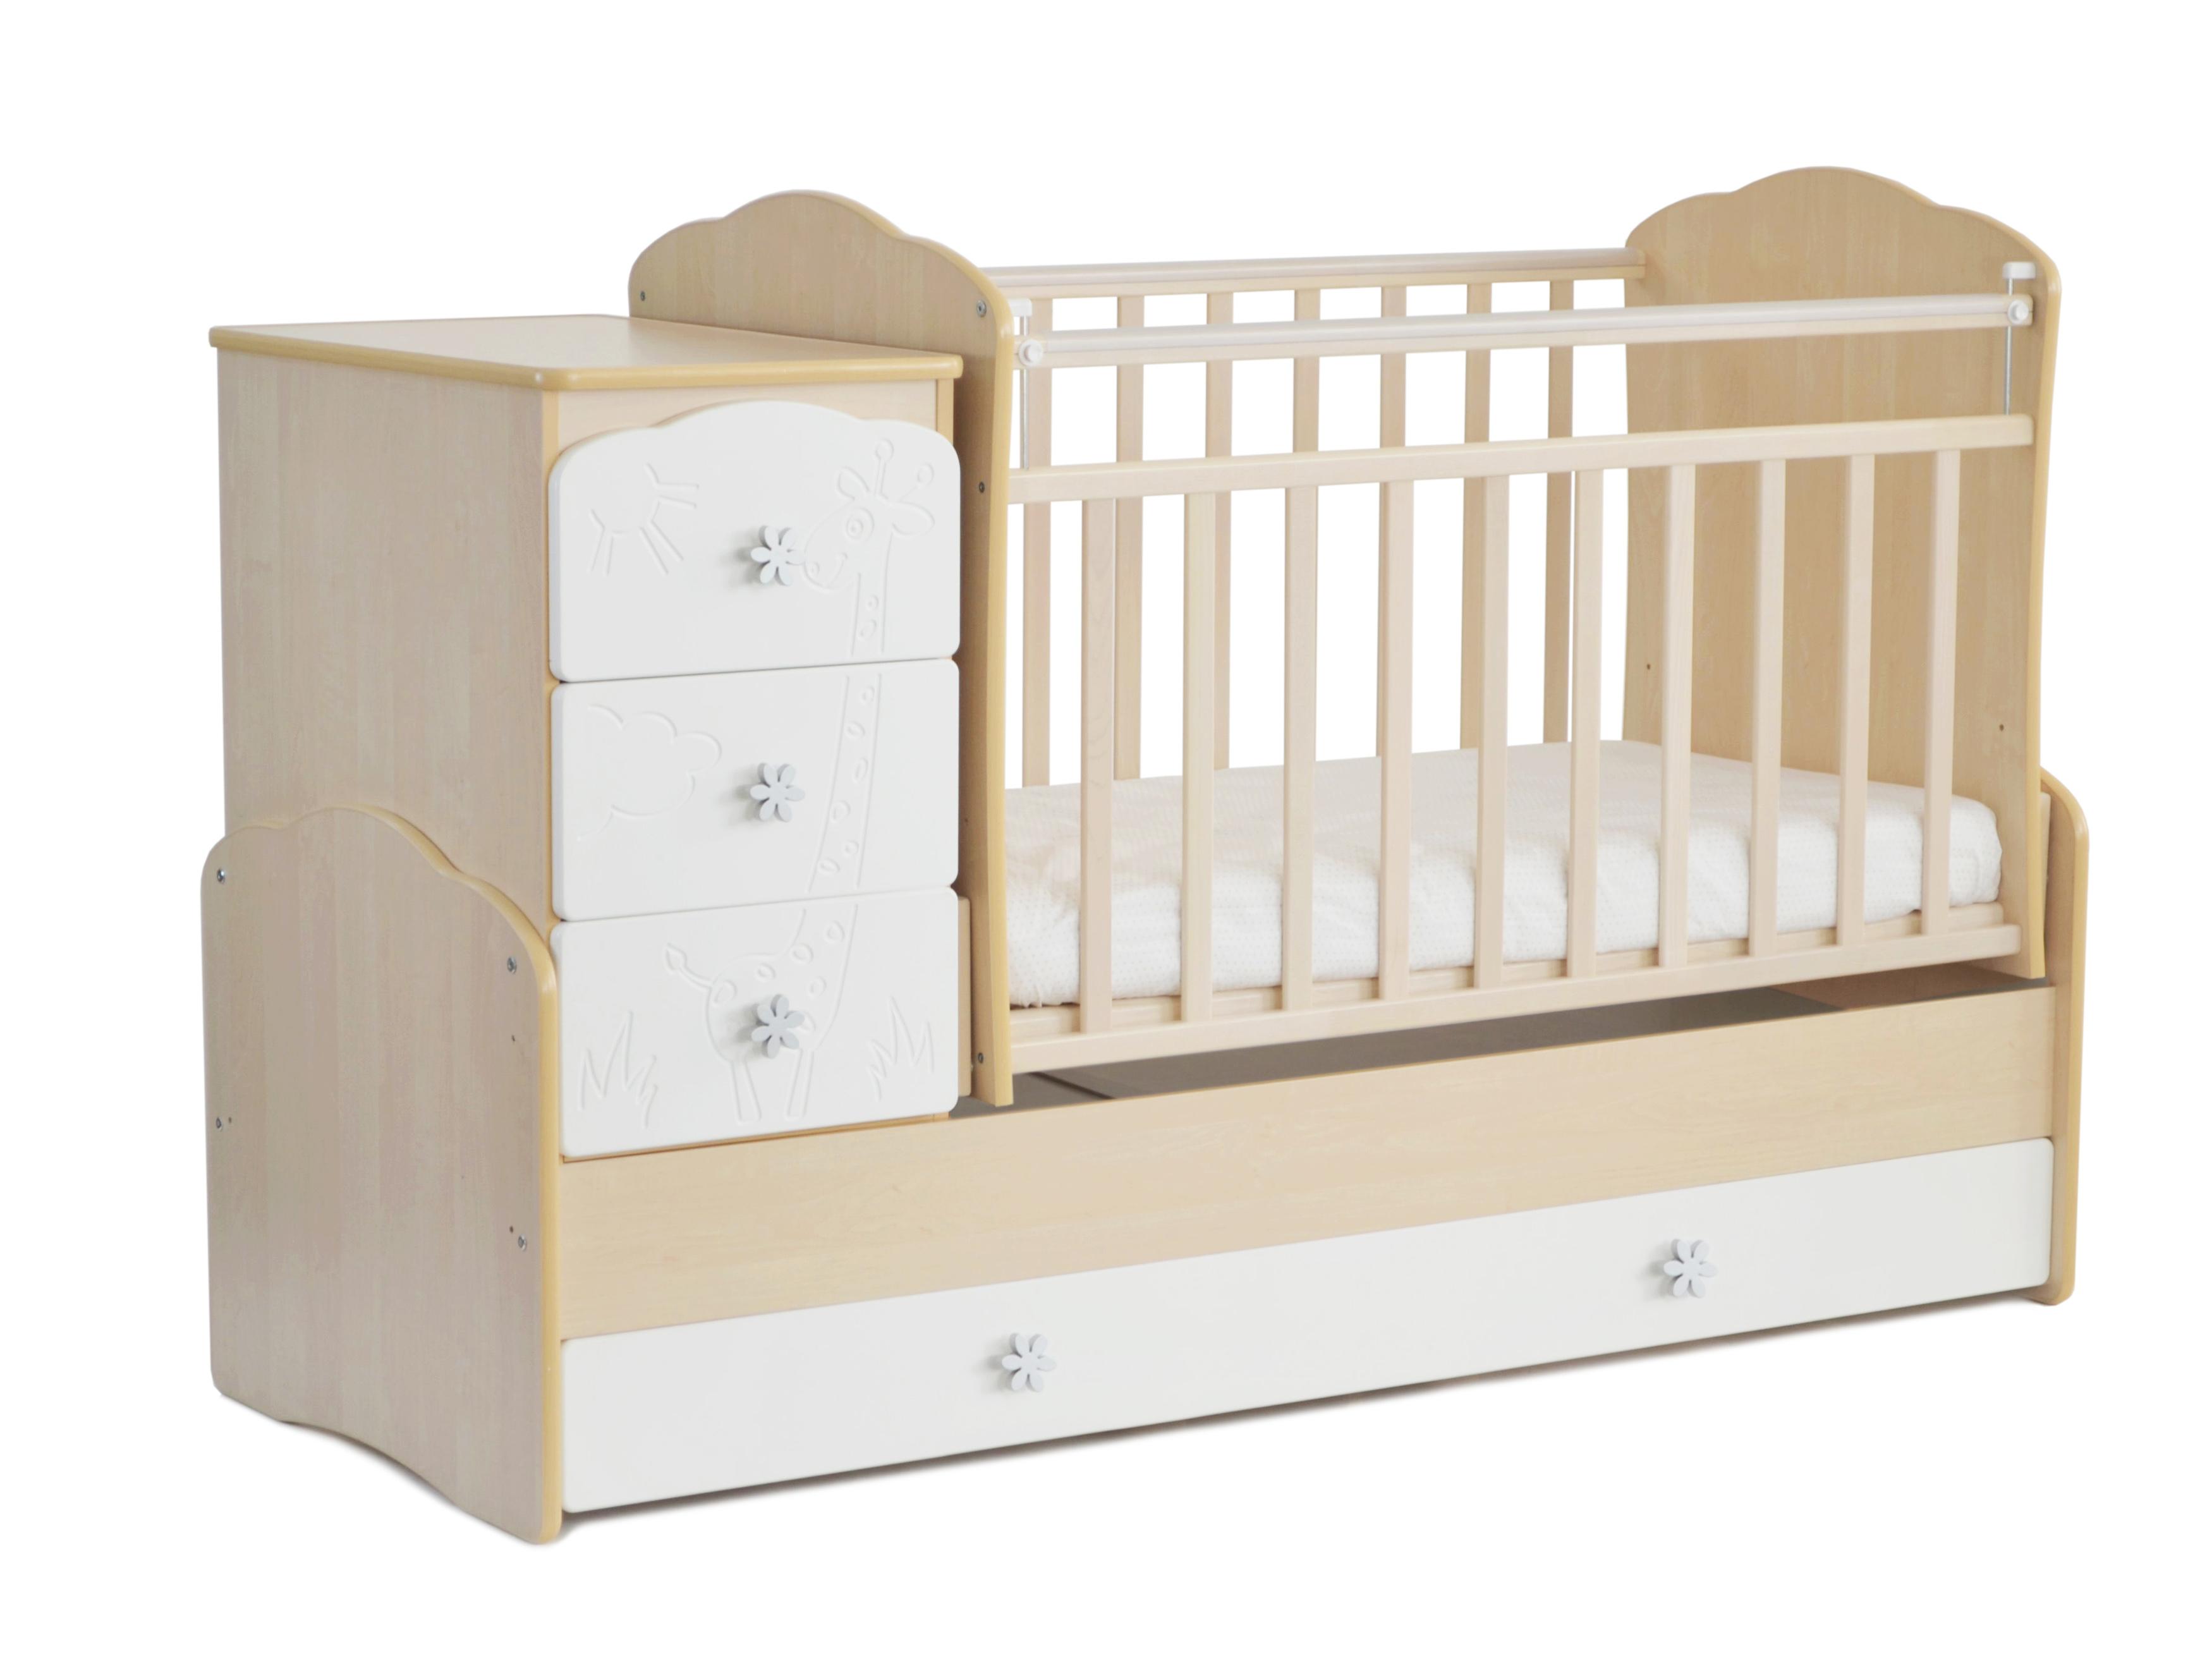 Детская кроватка-трансформер СКВ. Арт. 940039-1 цвет беж/белый гравировка жираф.